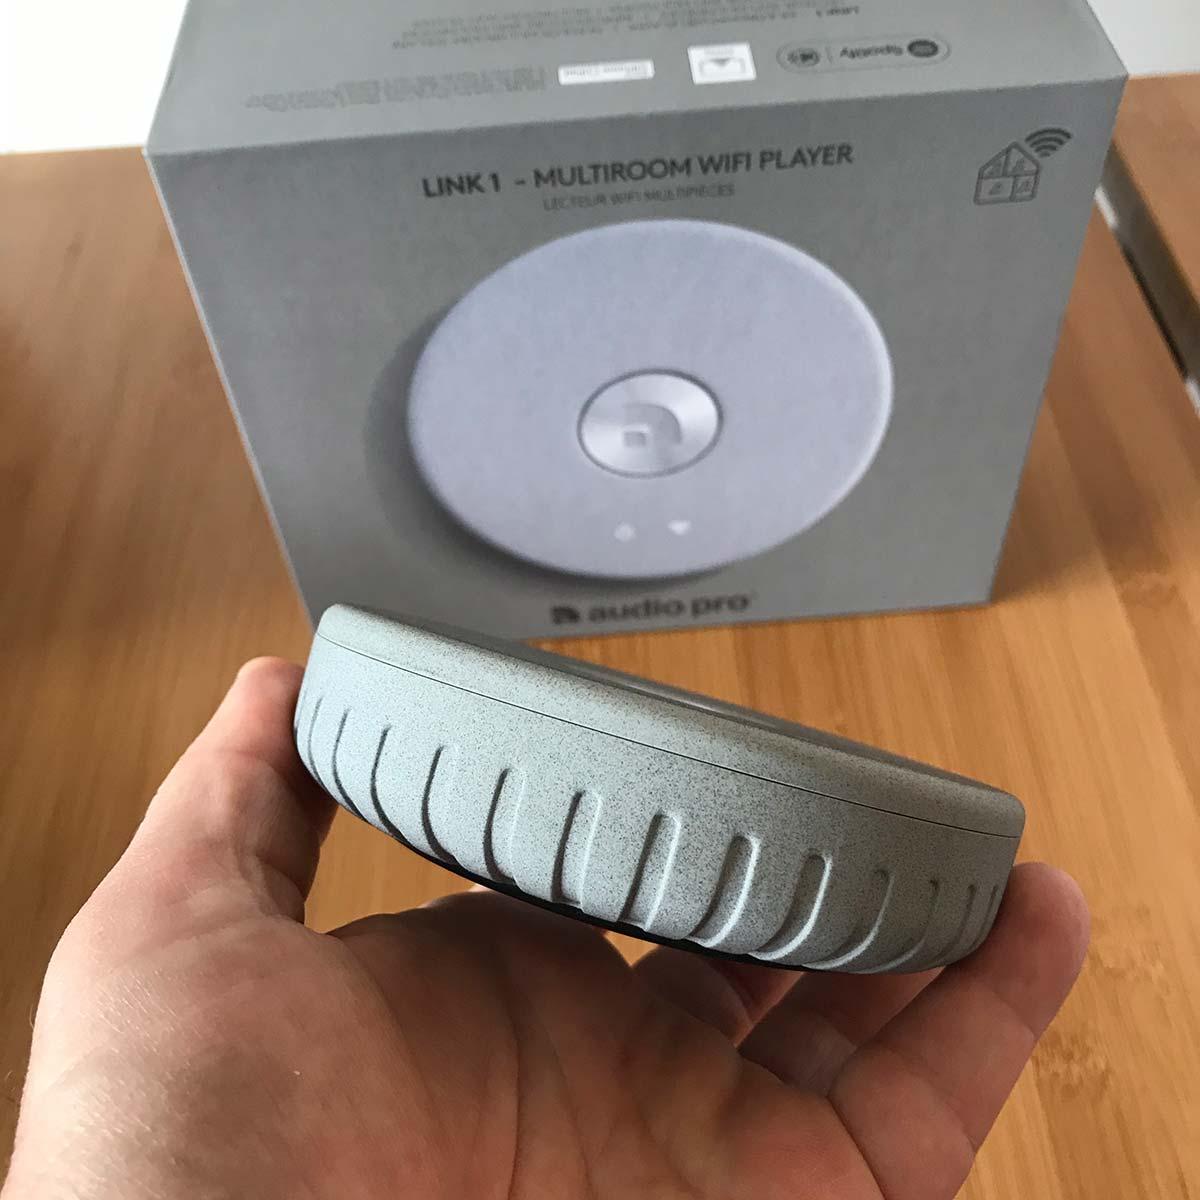 Test du lecteur réseau WiFi et AirPlay Audio Pro Link 1